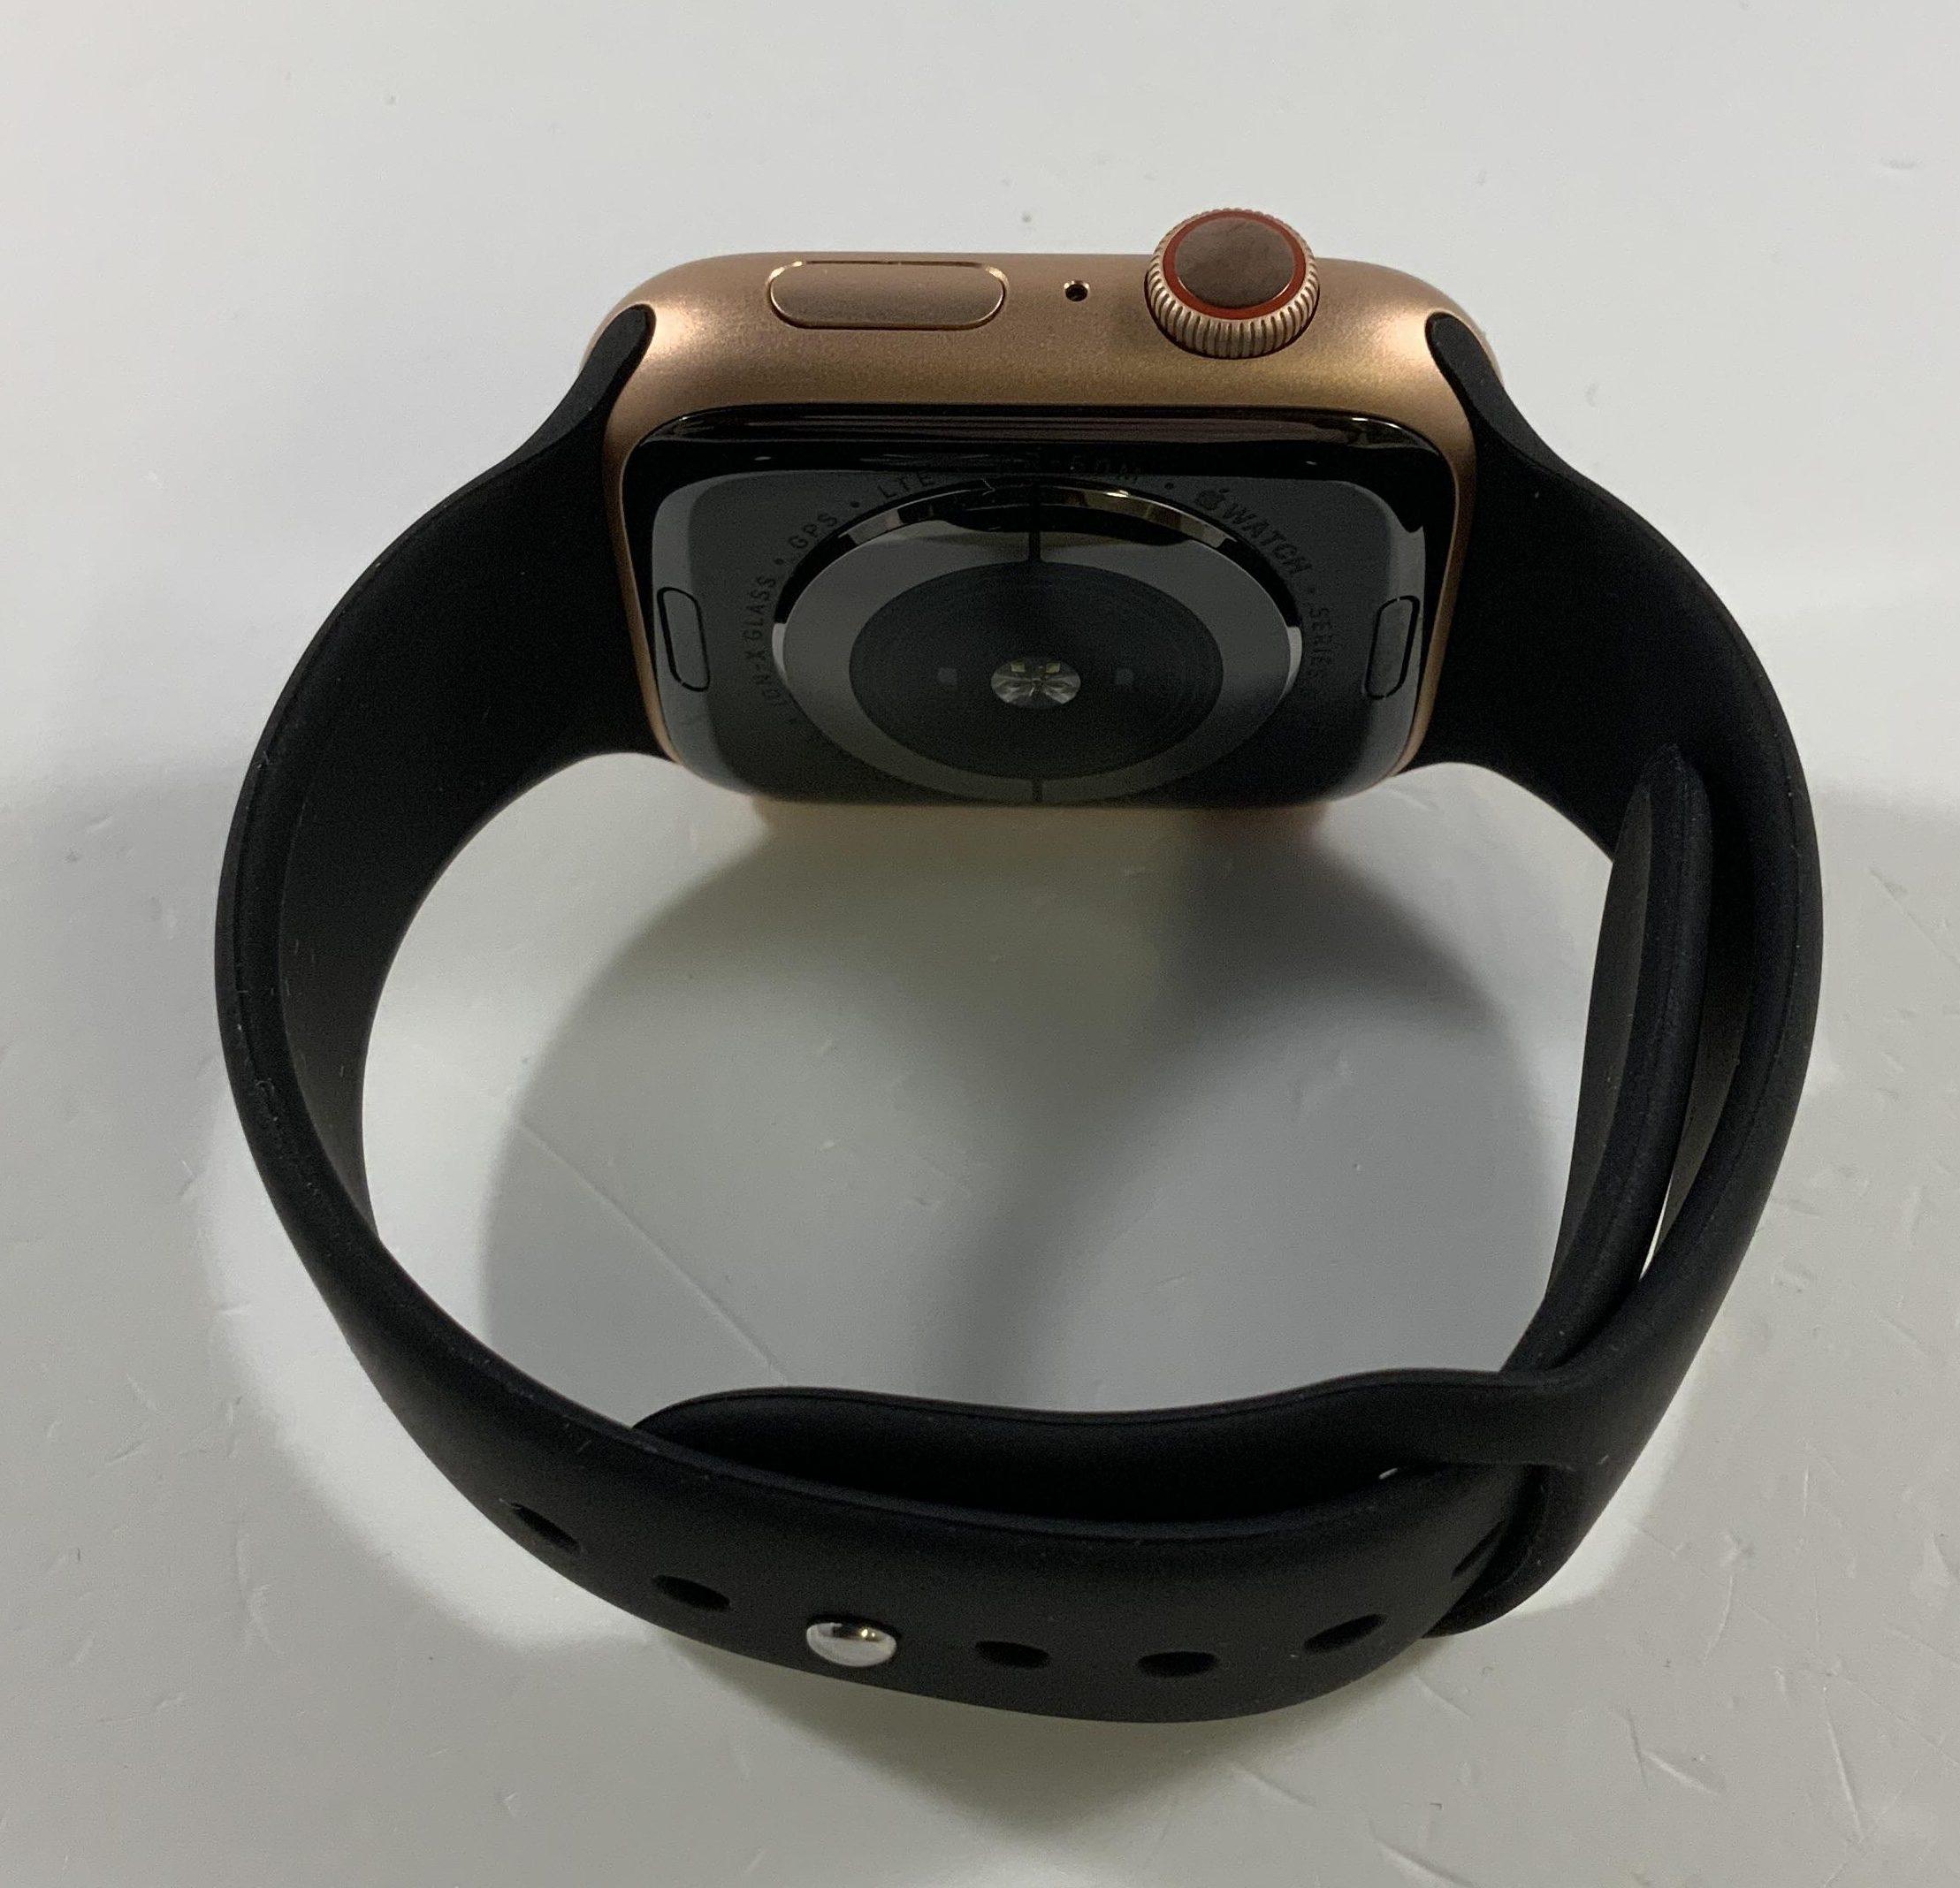 Watch Series 5 Aluminum Cellular (44mm), Gold, imagen 3